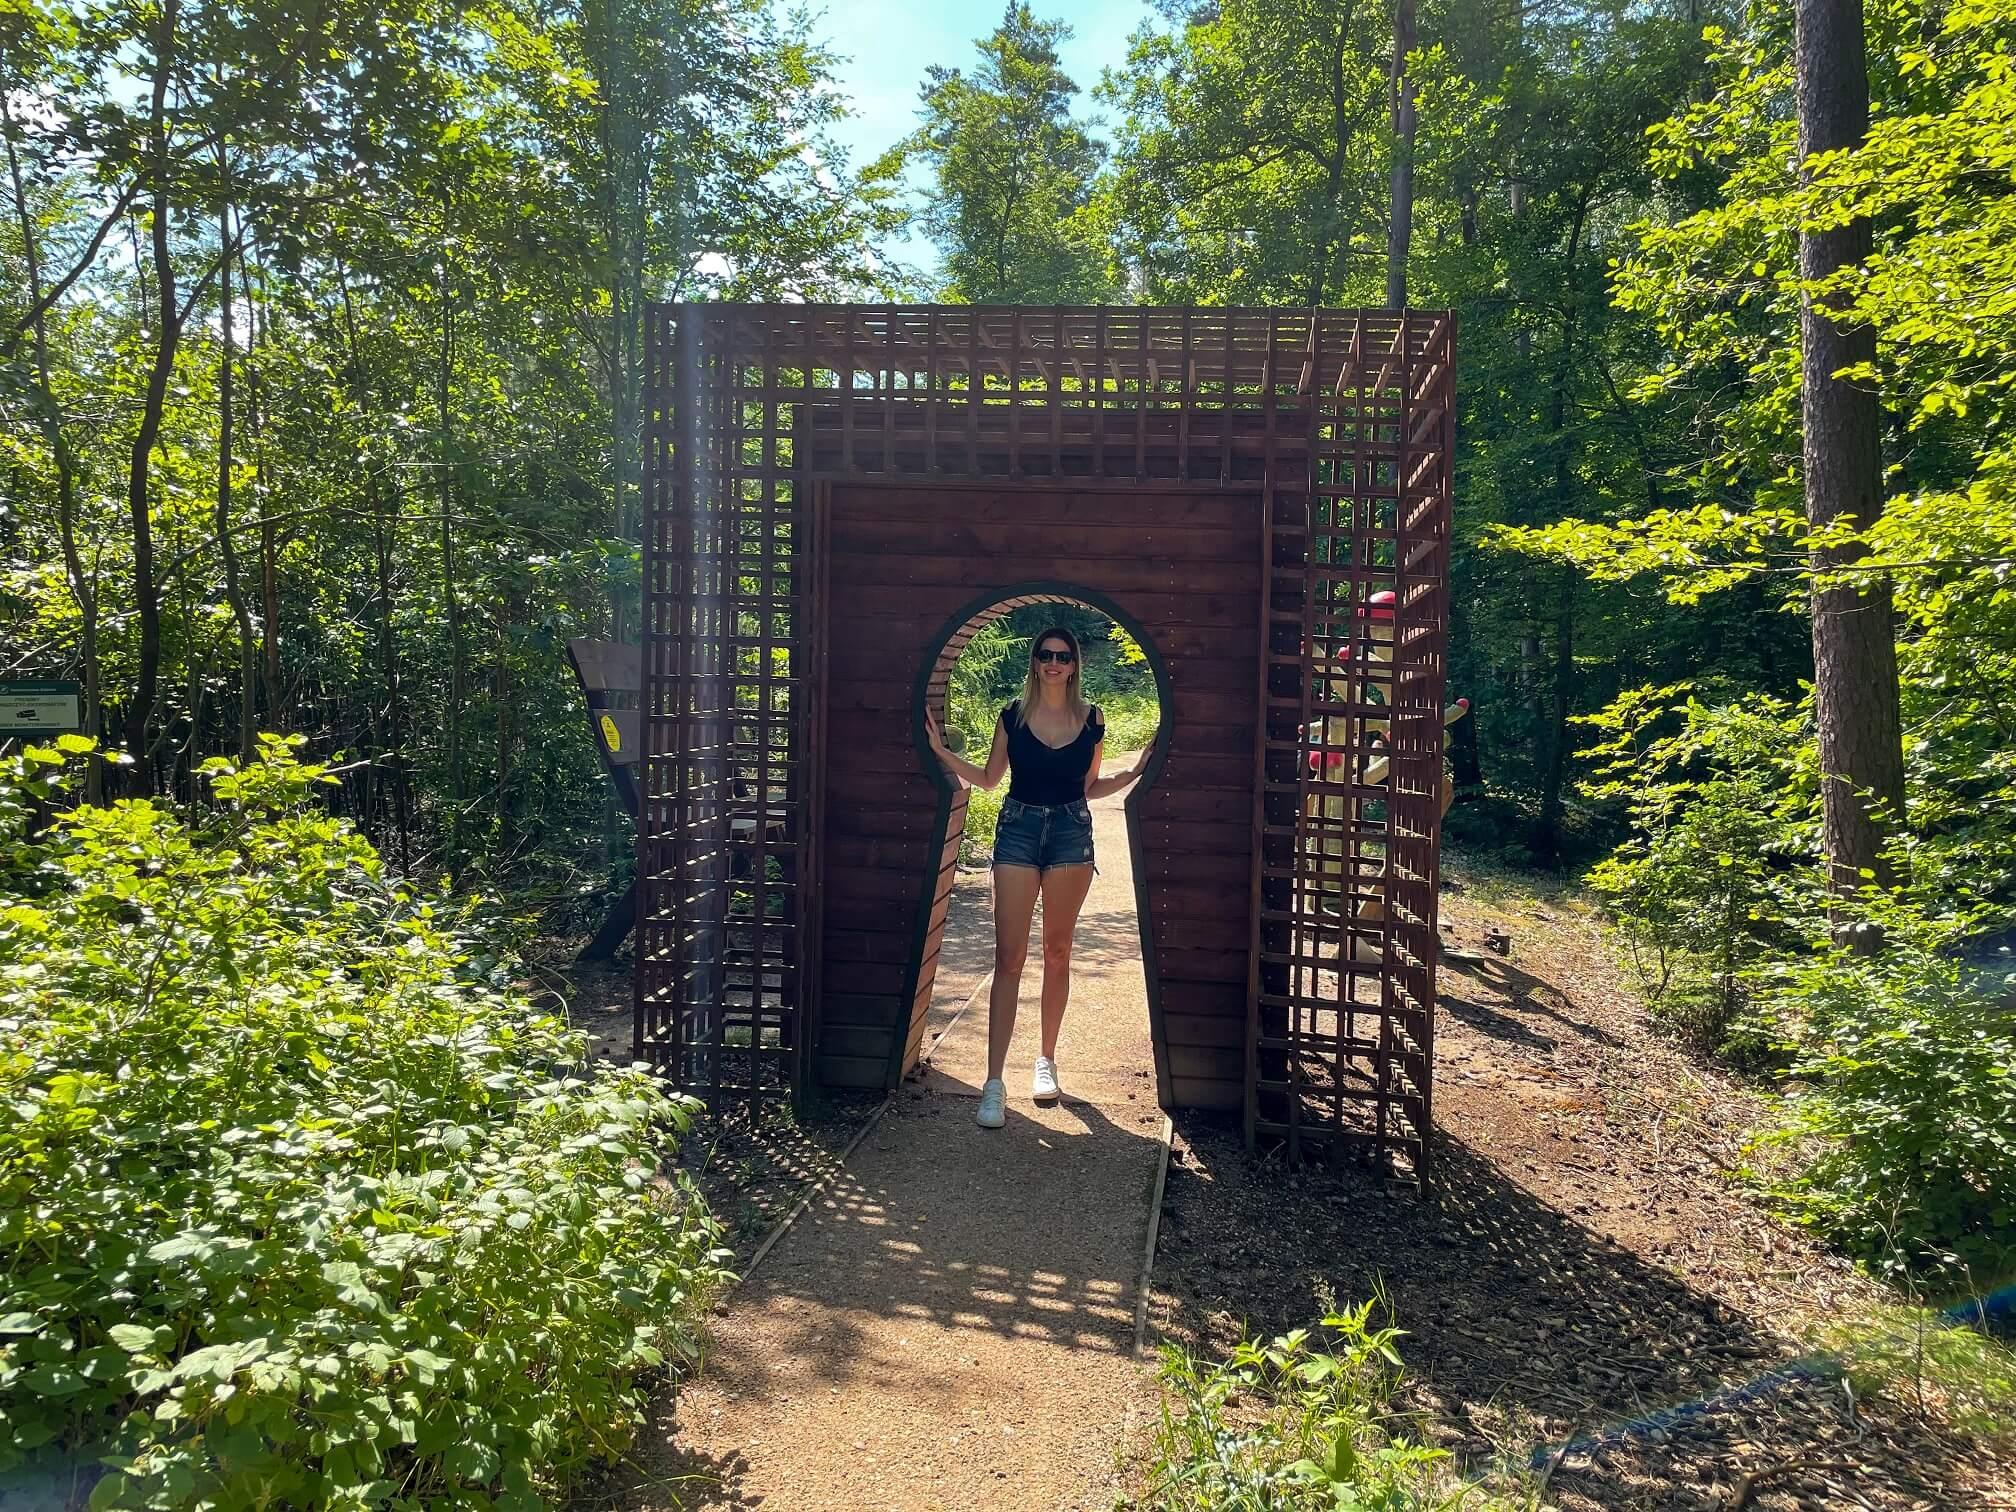 Wejherowo 21 - Wejherowo, zaczarowany las i okolice